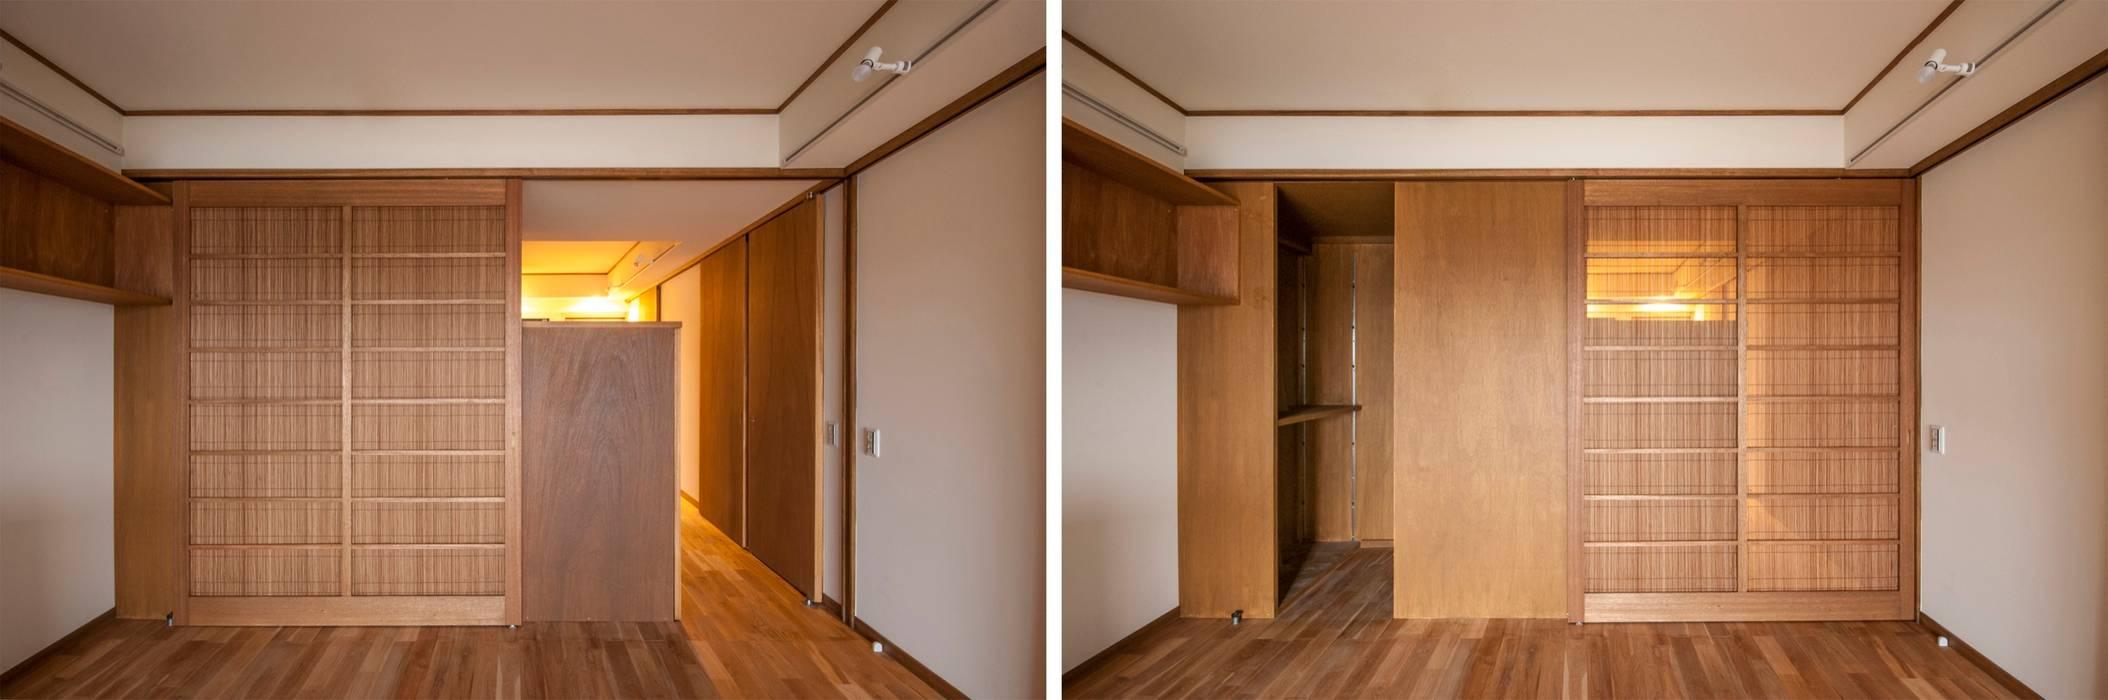 千田建築設計 Pintu Kayu Wood effect